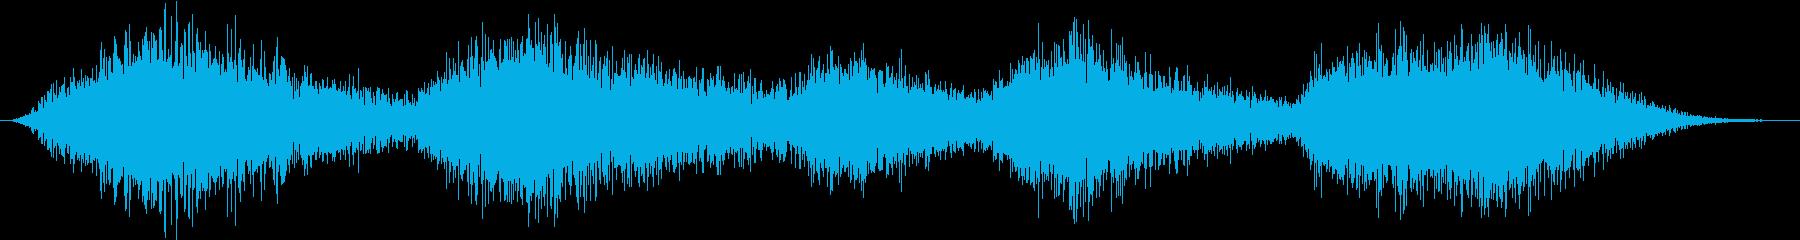 スペース7の噴出の再生済みの波形